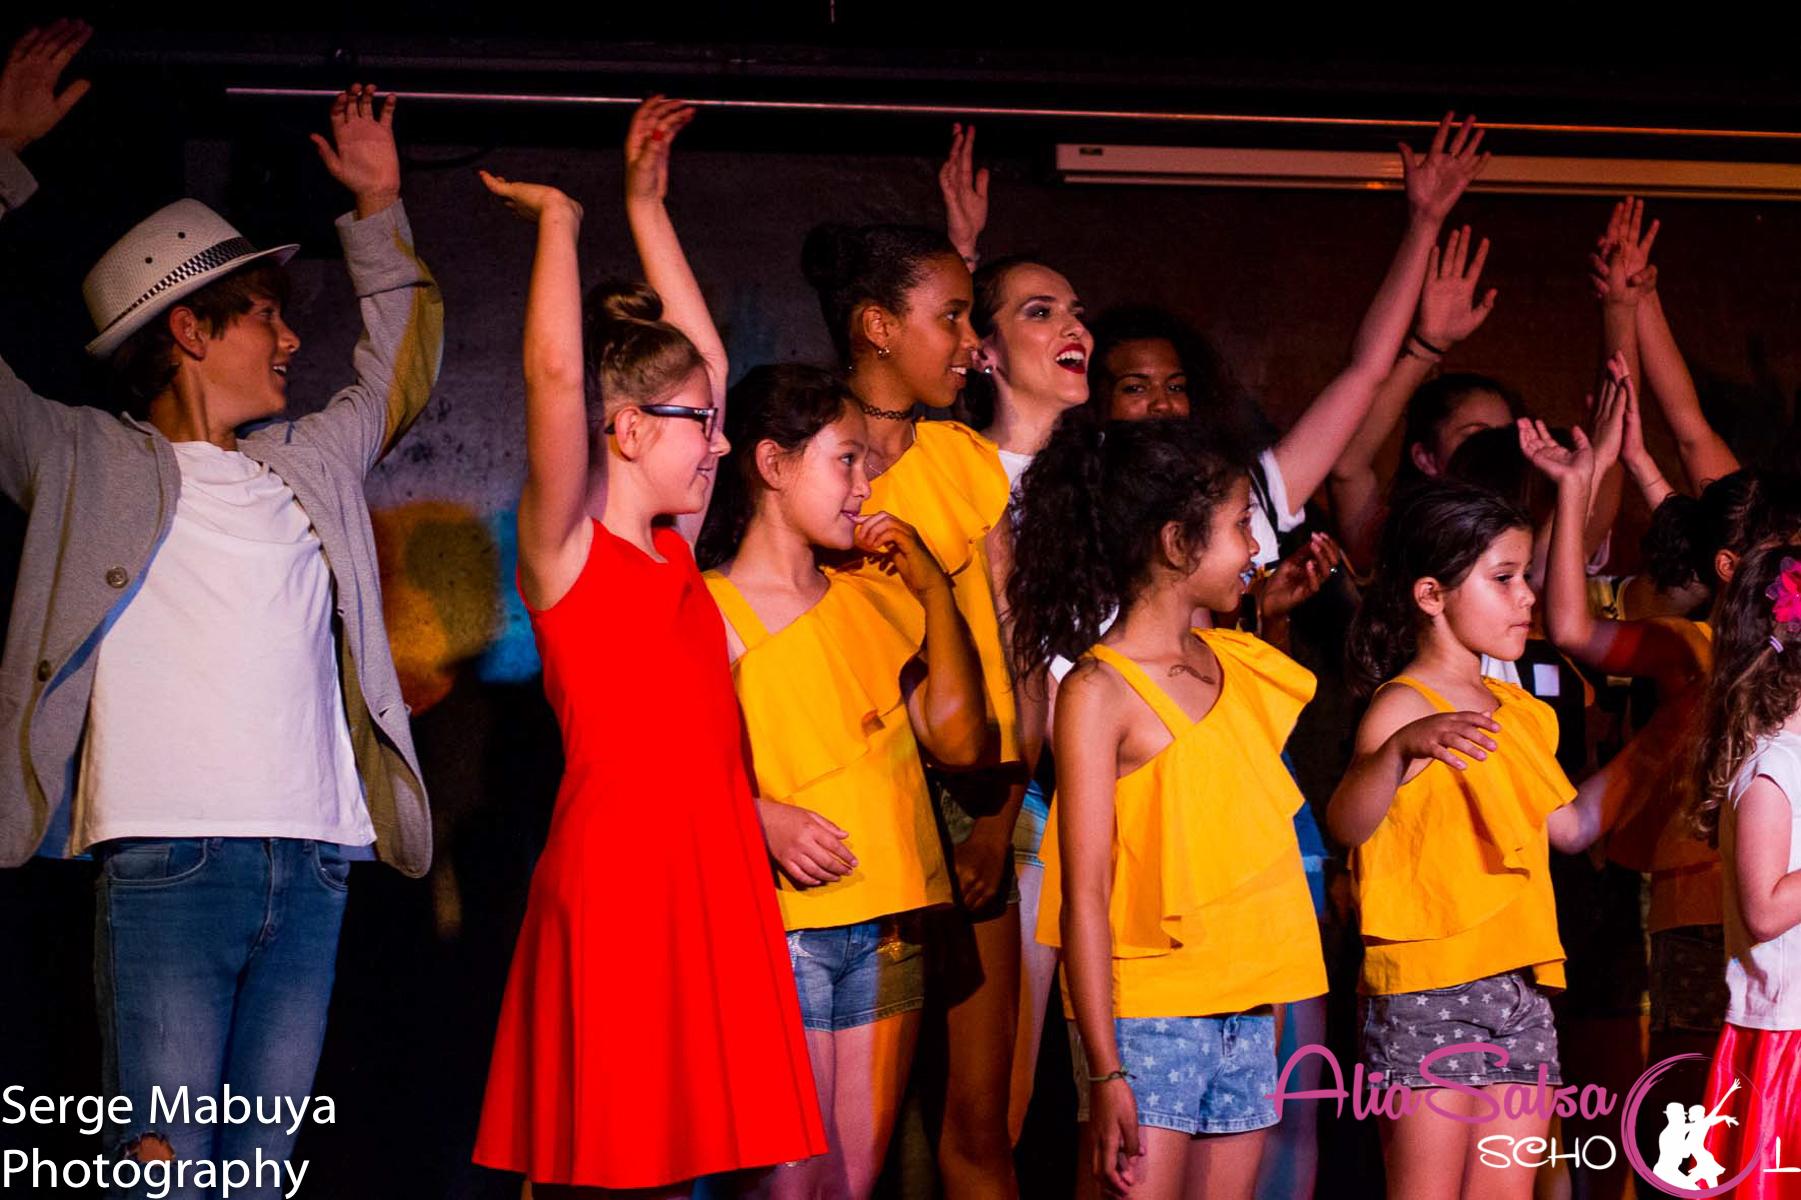 ecole de danse salsa bachata enfant adulte lausanne aliasalsa school lausanneIMG_9701